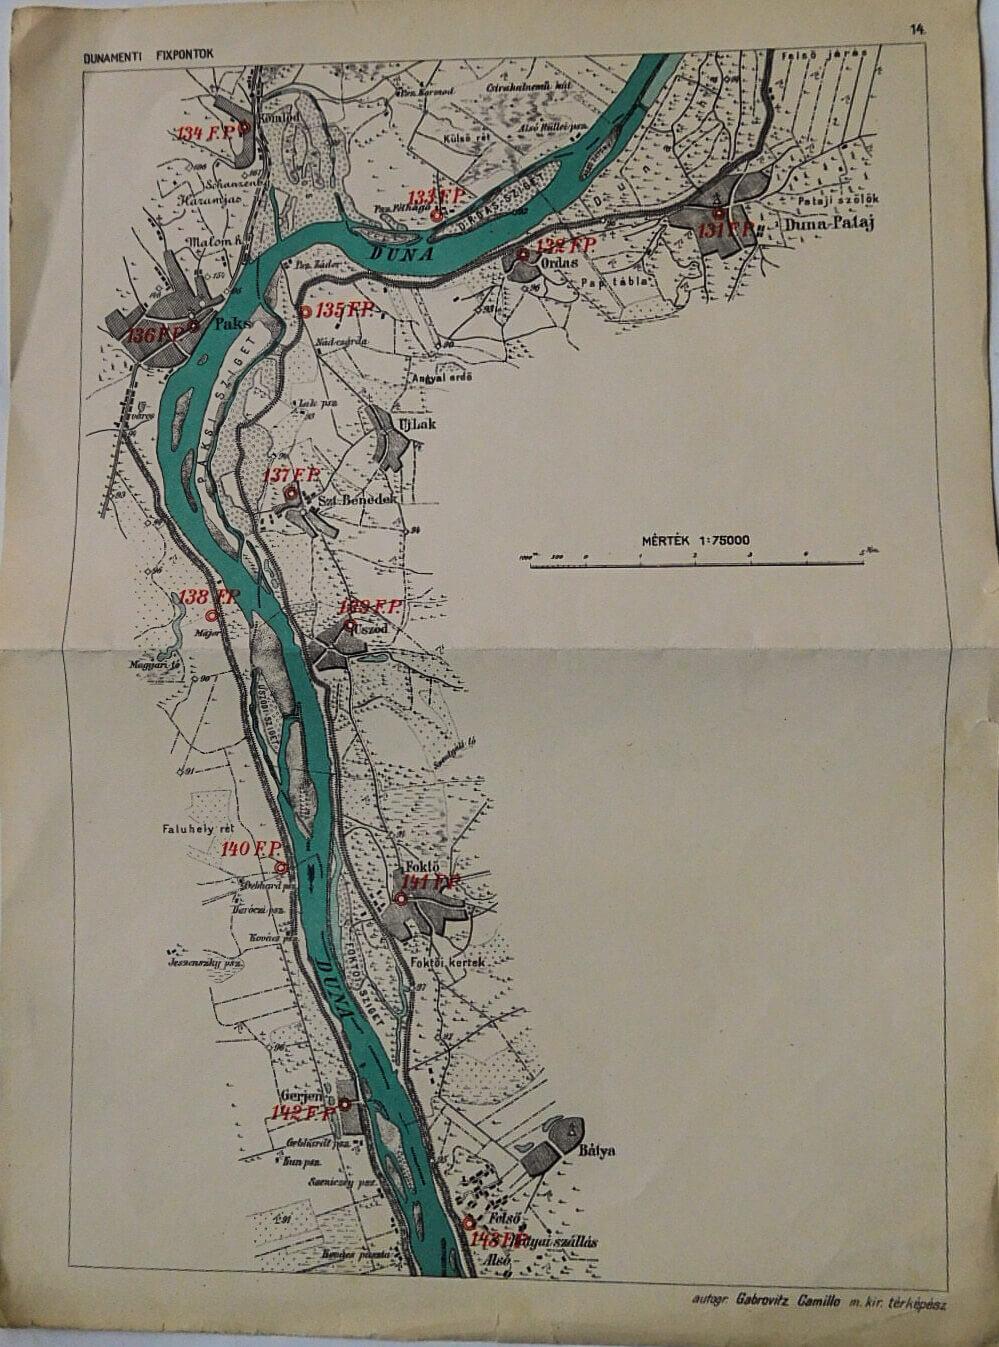 Dunamenti Fixpontok régi térkép